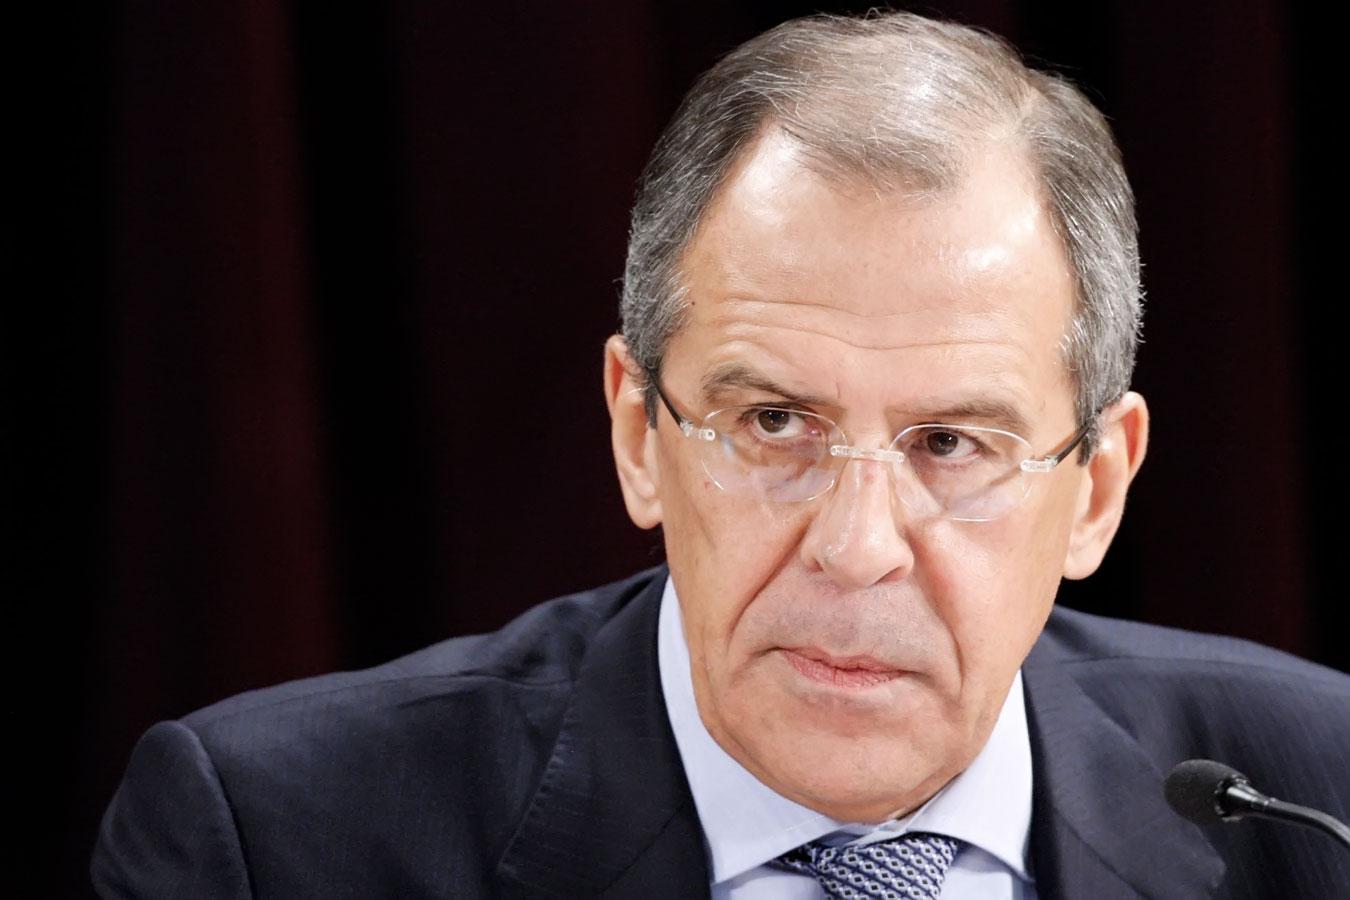 وزير الخارجية الروسى: جهود سوريا فى محاربة داعش غير كافية